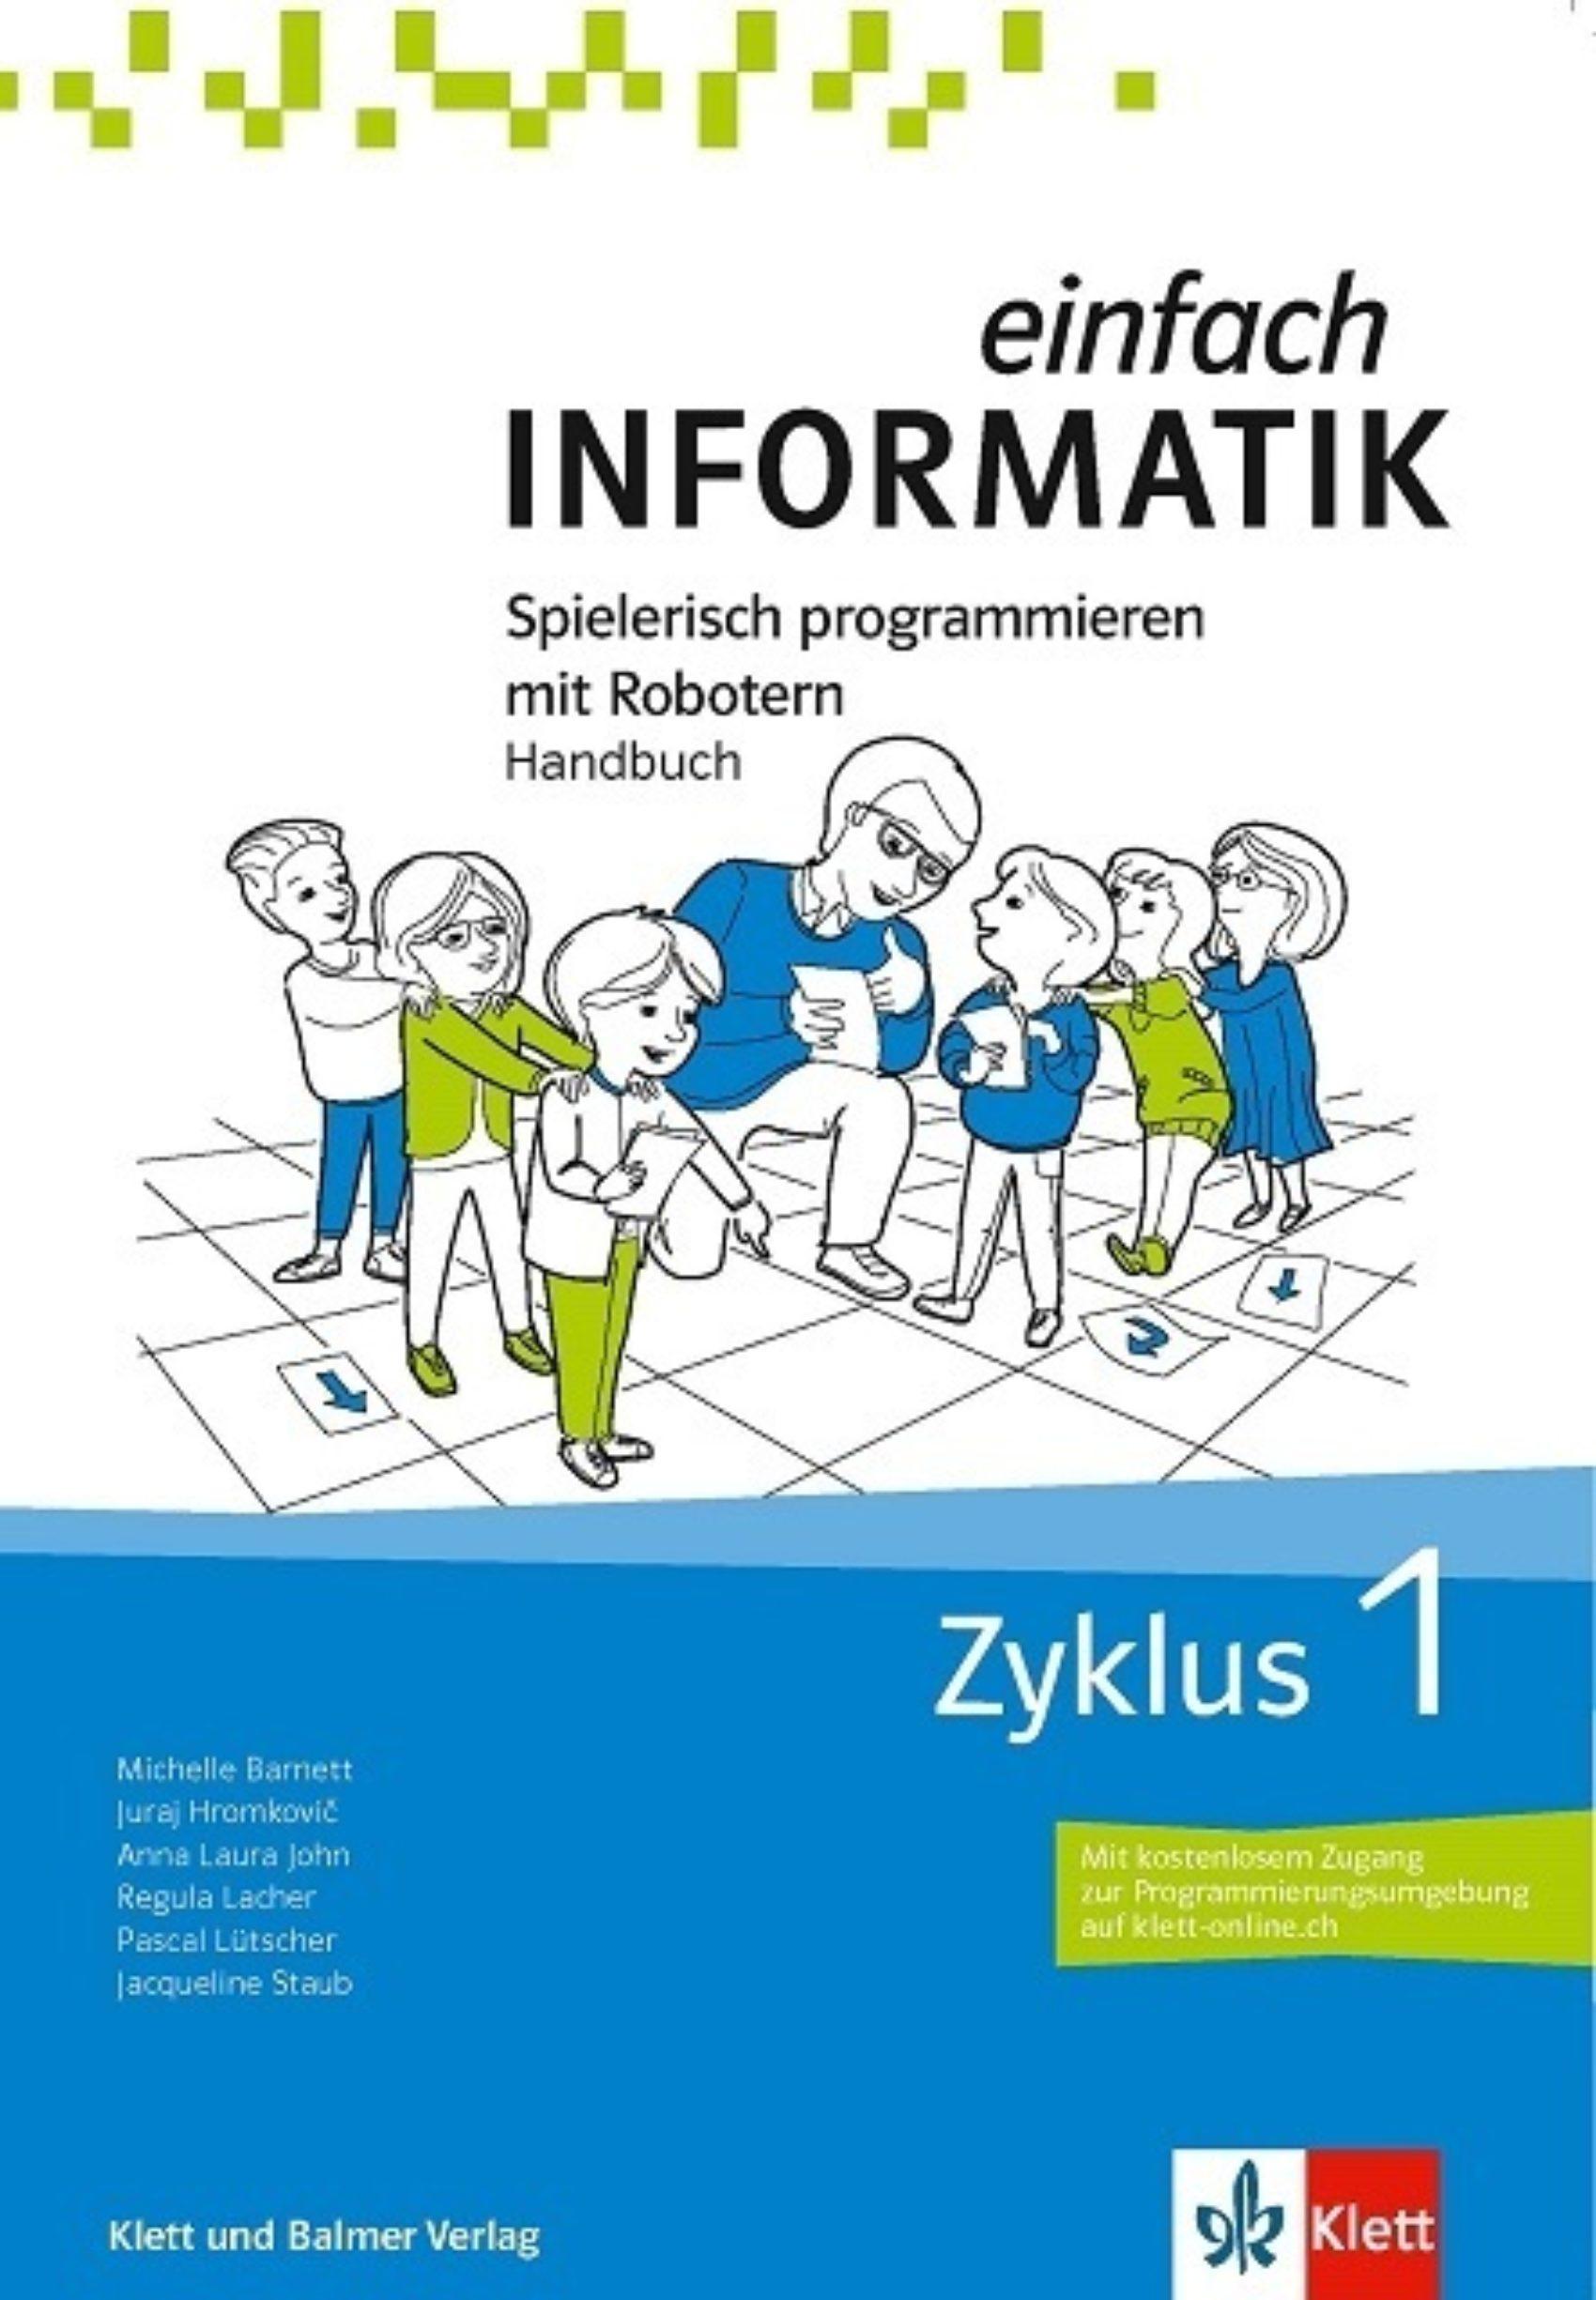 Handbuch einfach informatik zyklus 1 978 3 264 84810 6 klett und balmer